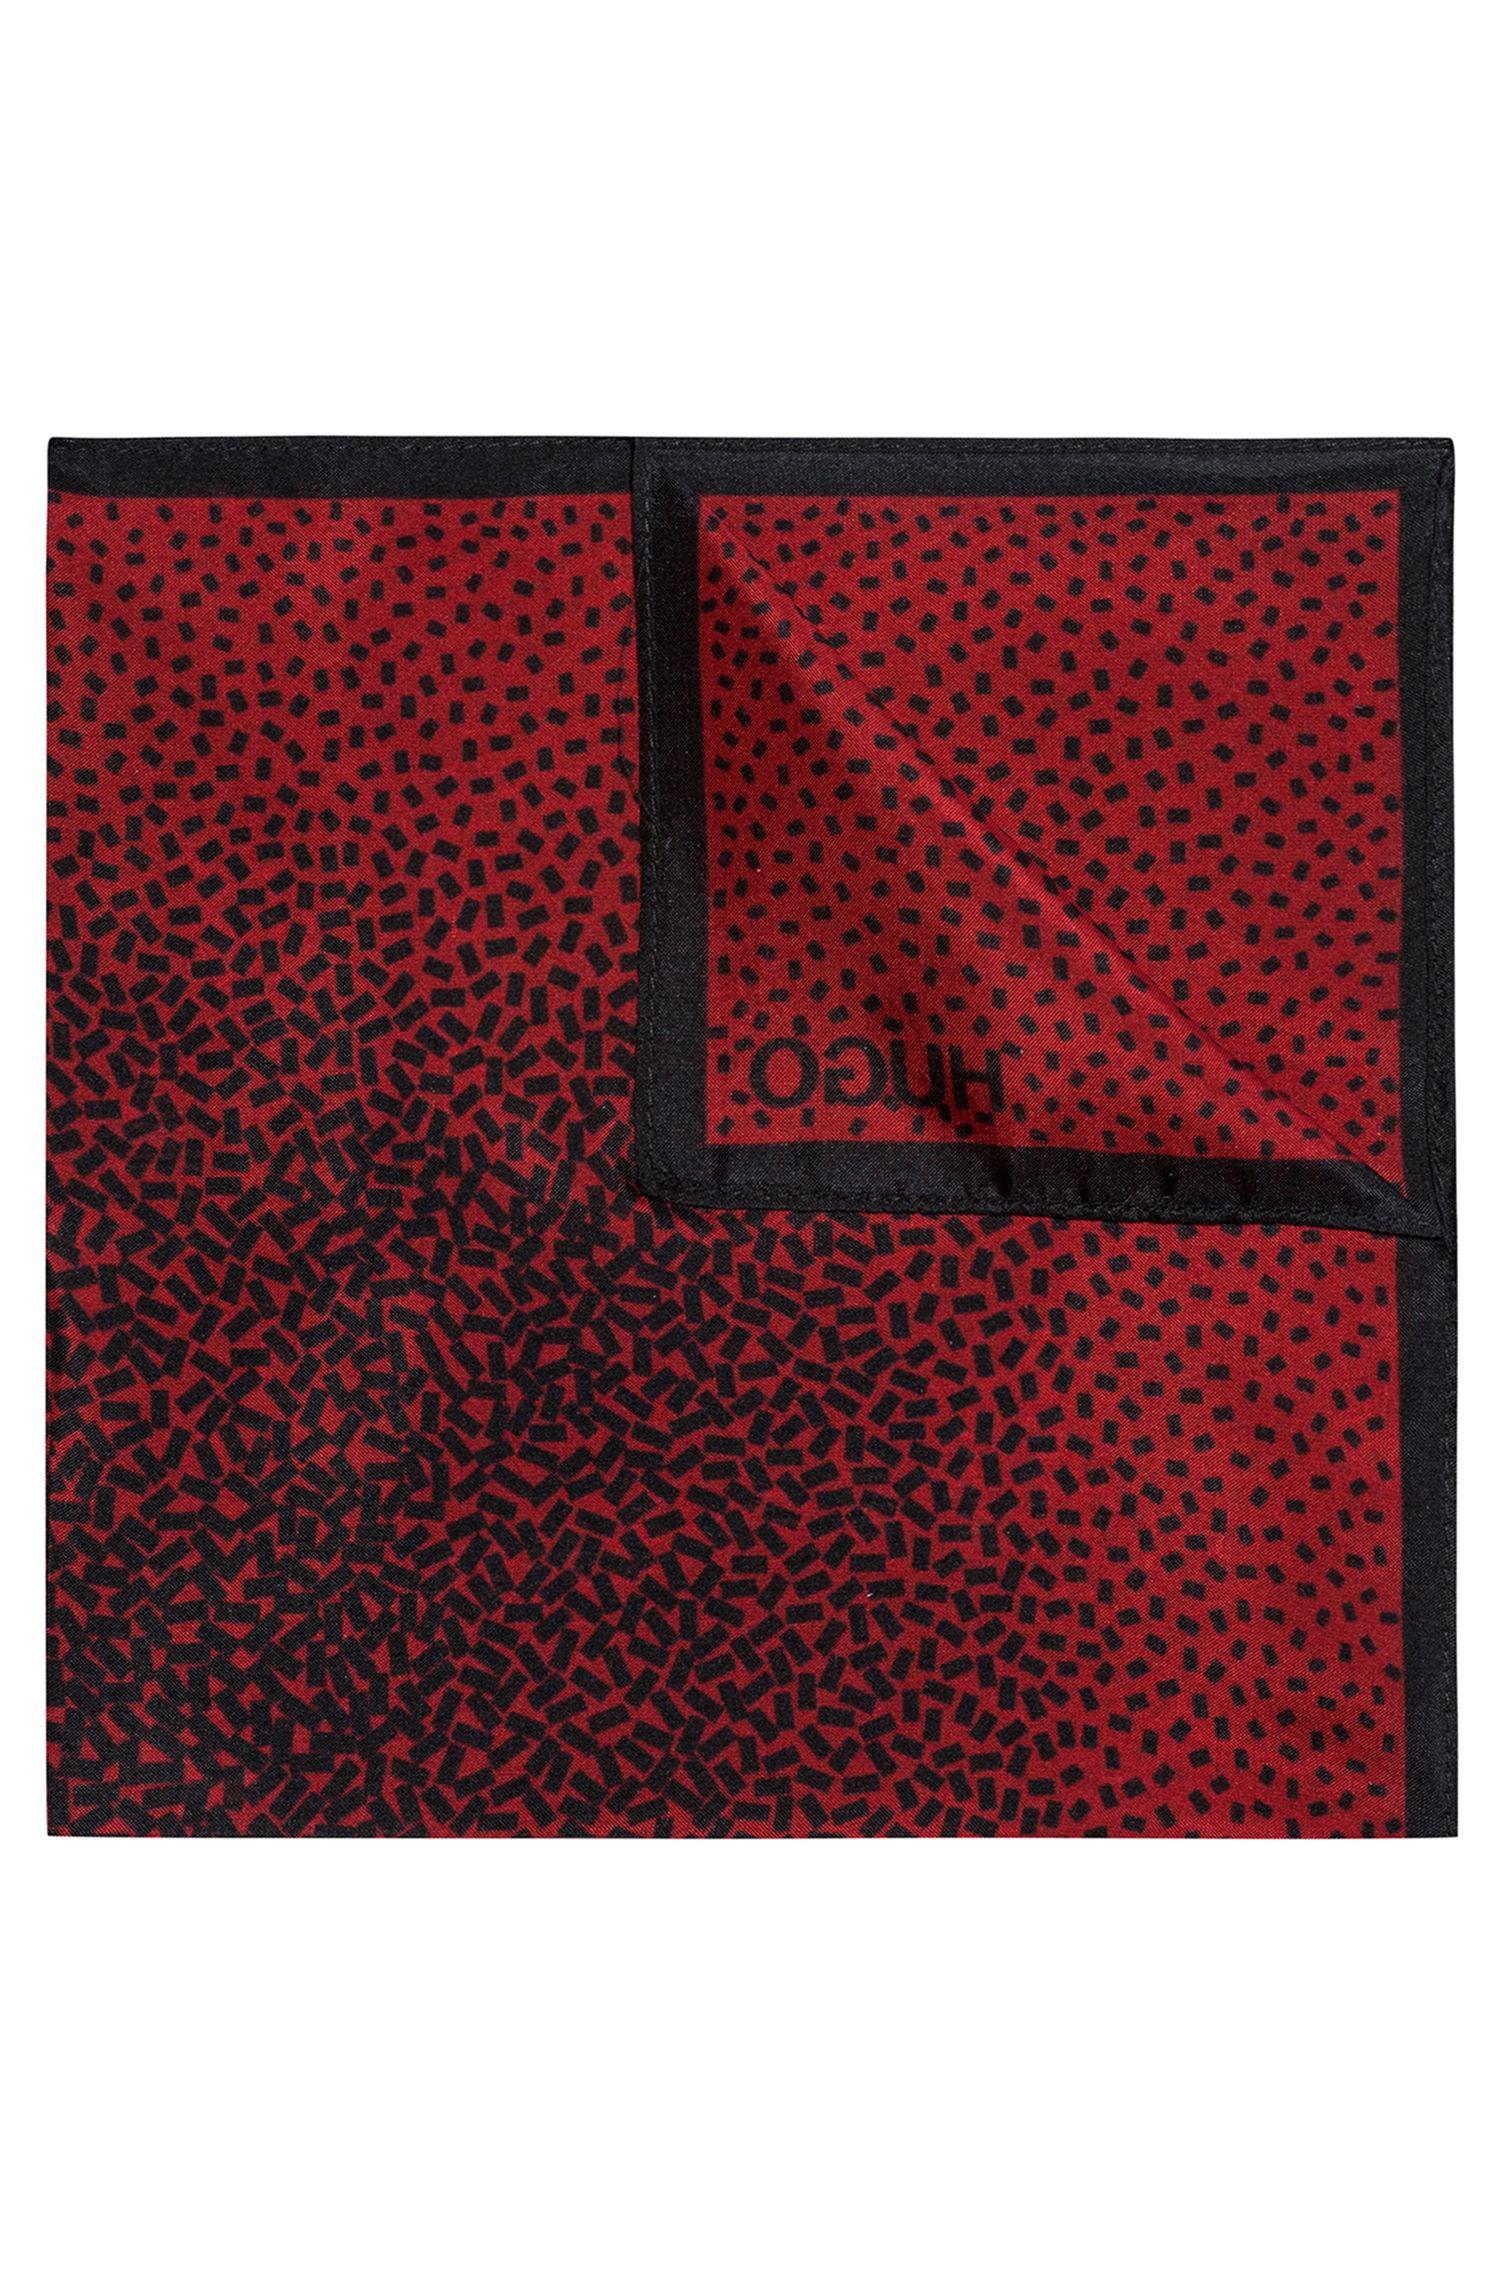 Einstecktuch aus Seiden-Chiffon mit geometrischem Muster